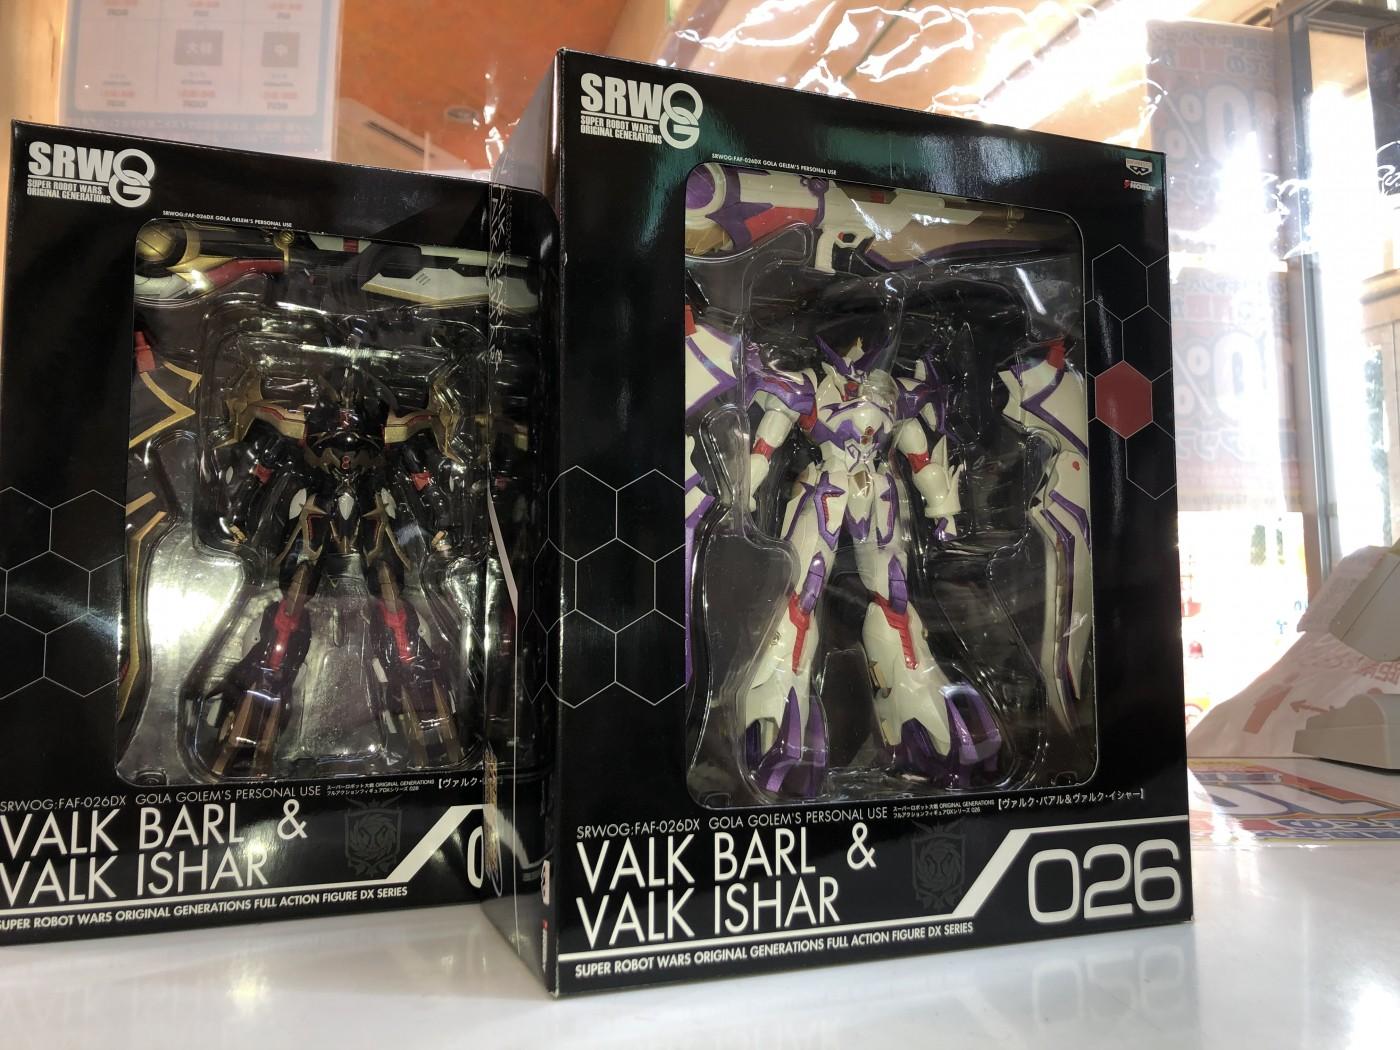 買取情報『電撃ホビーの スーパーロボット大戦OG フルアクションフィギュアDXシリーズ ヴァルク・バアル&ヴァルク・イシャー』